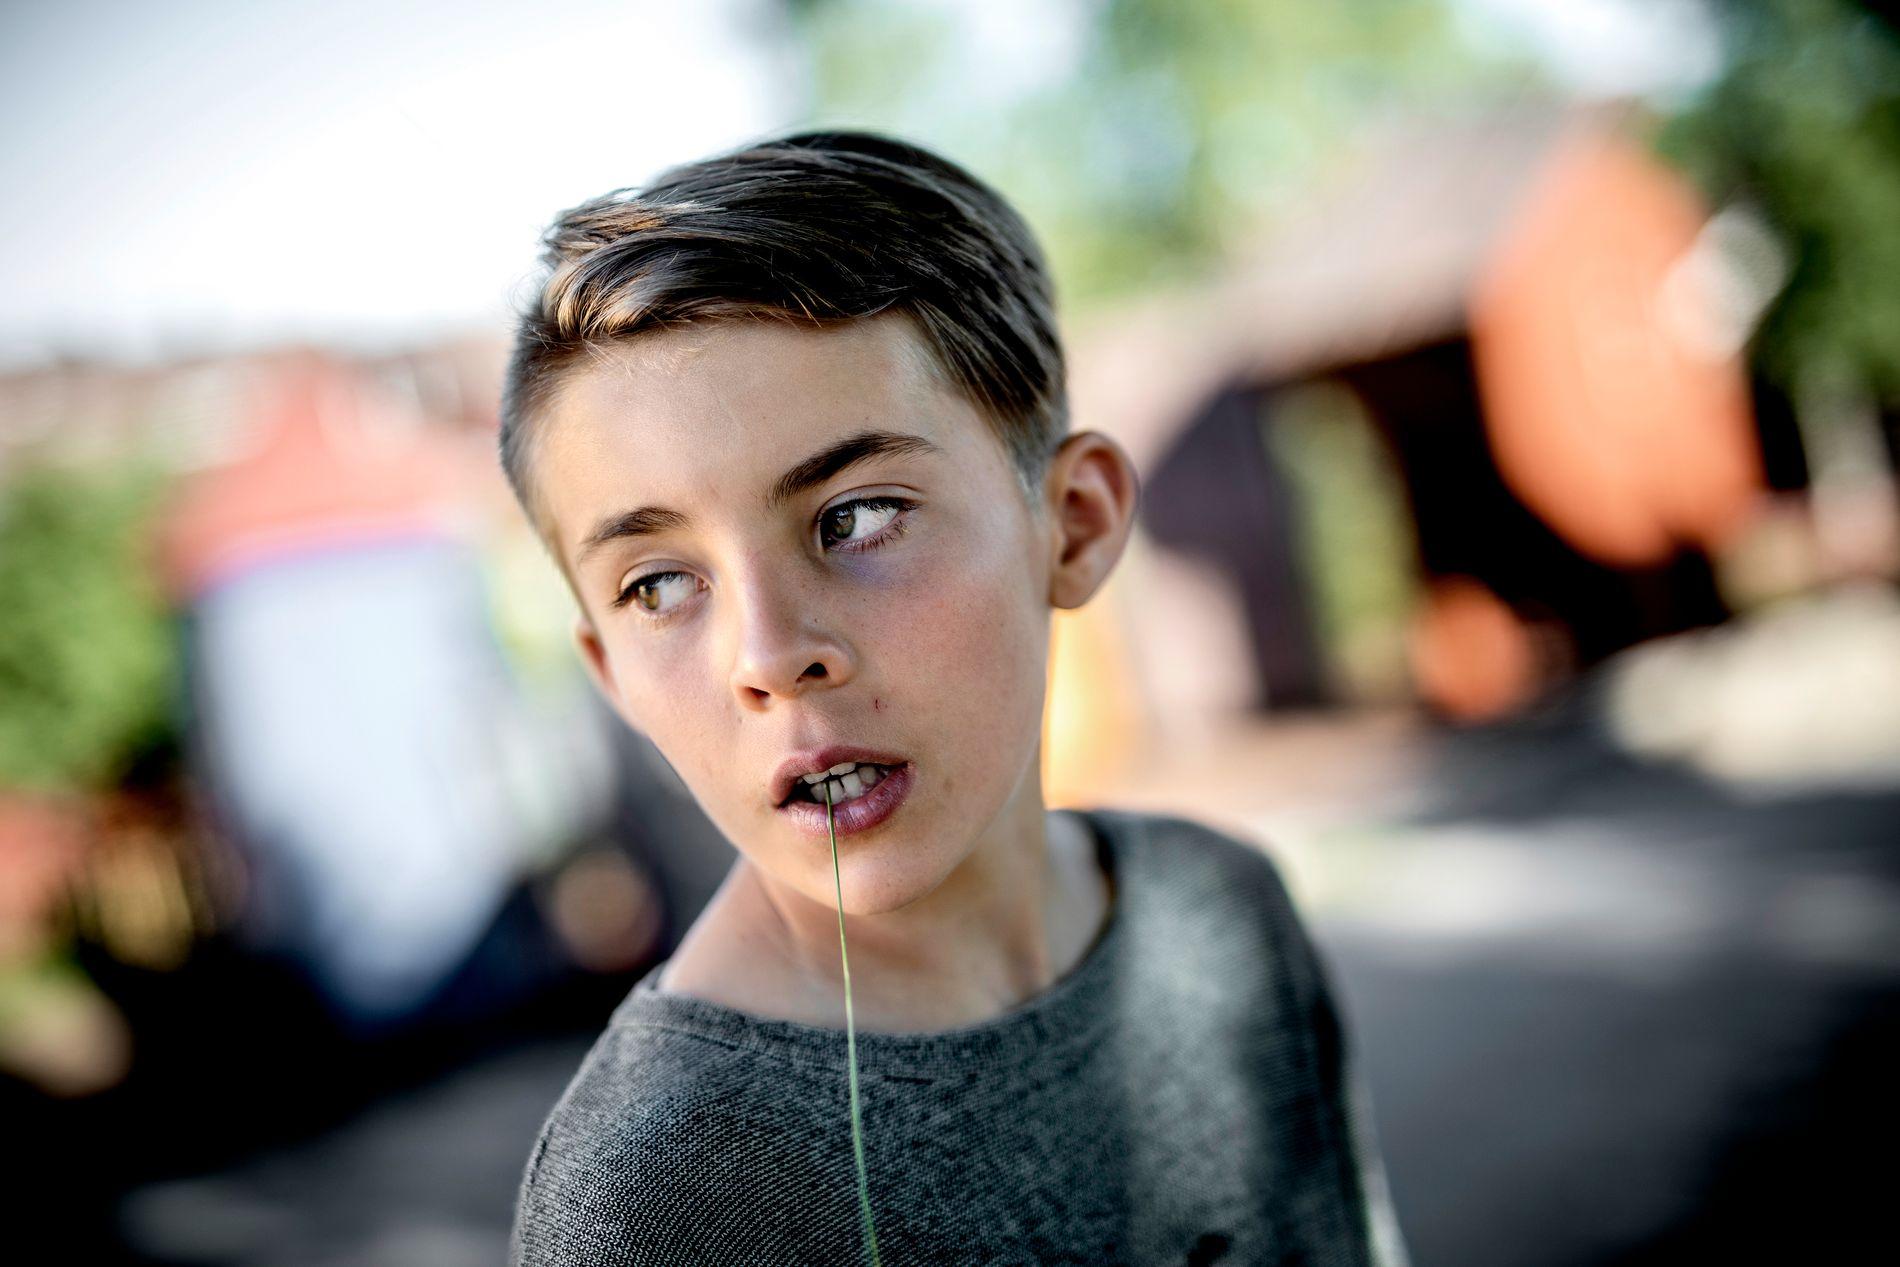 11-ÅRING: August er blitt mer mye mer trygg på seg selv  etter at han begynte på ny skole. Med et strå mellom tennene tar han dagene som de kommer.